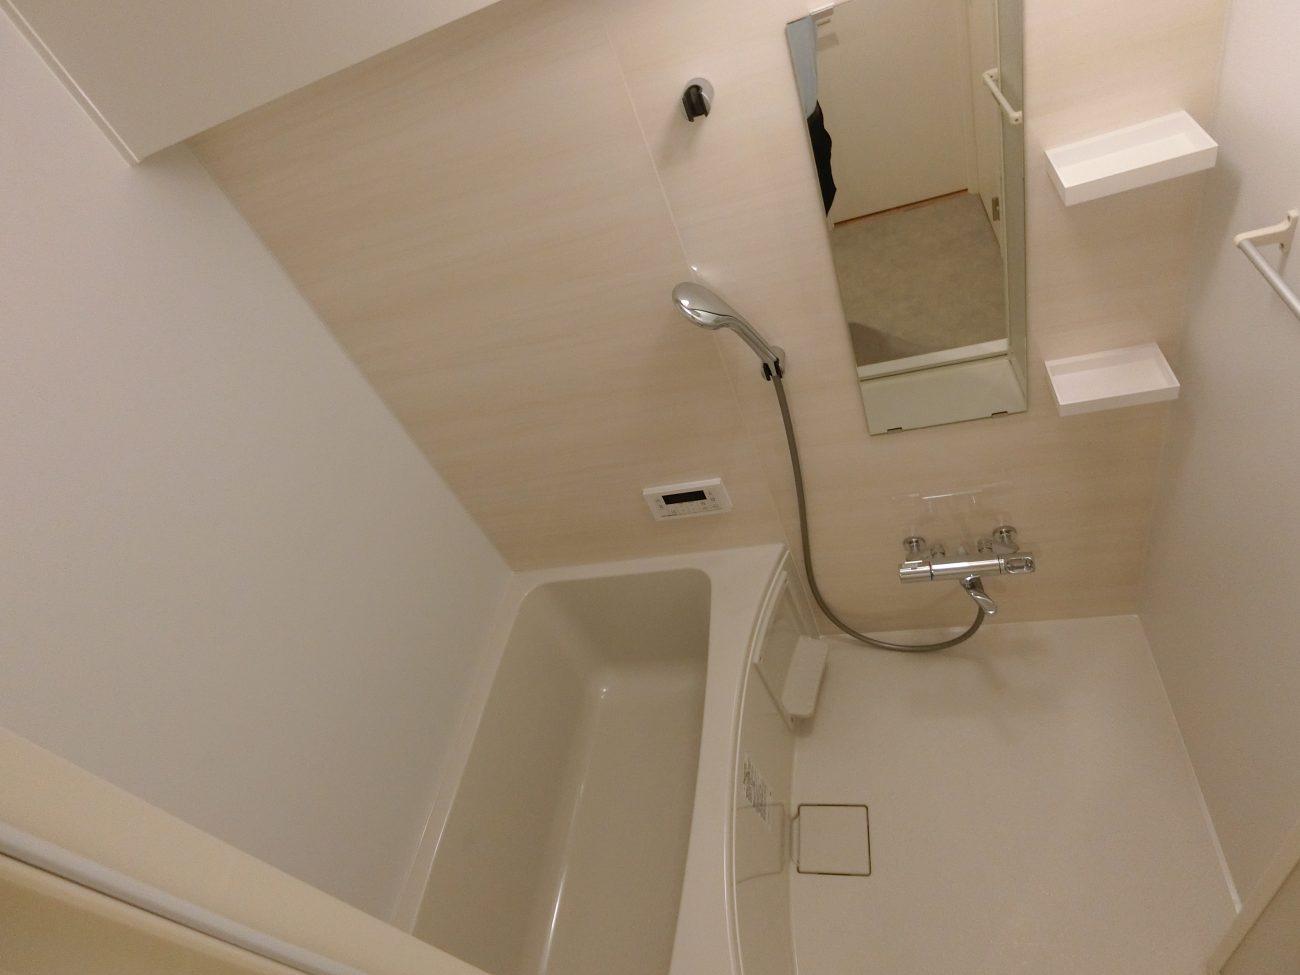 東新宿 築43年 RC 47m2 リモートワーク用書斎付きリノベ―ション 再販用途の画像